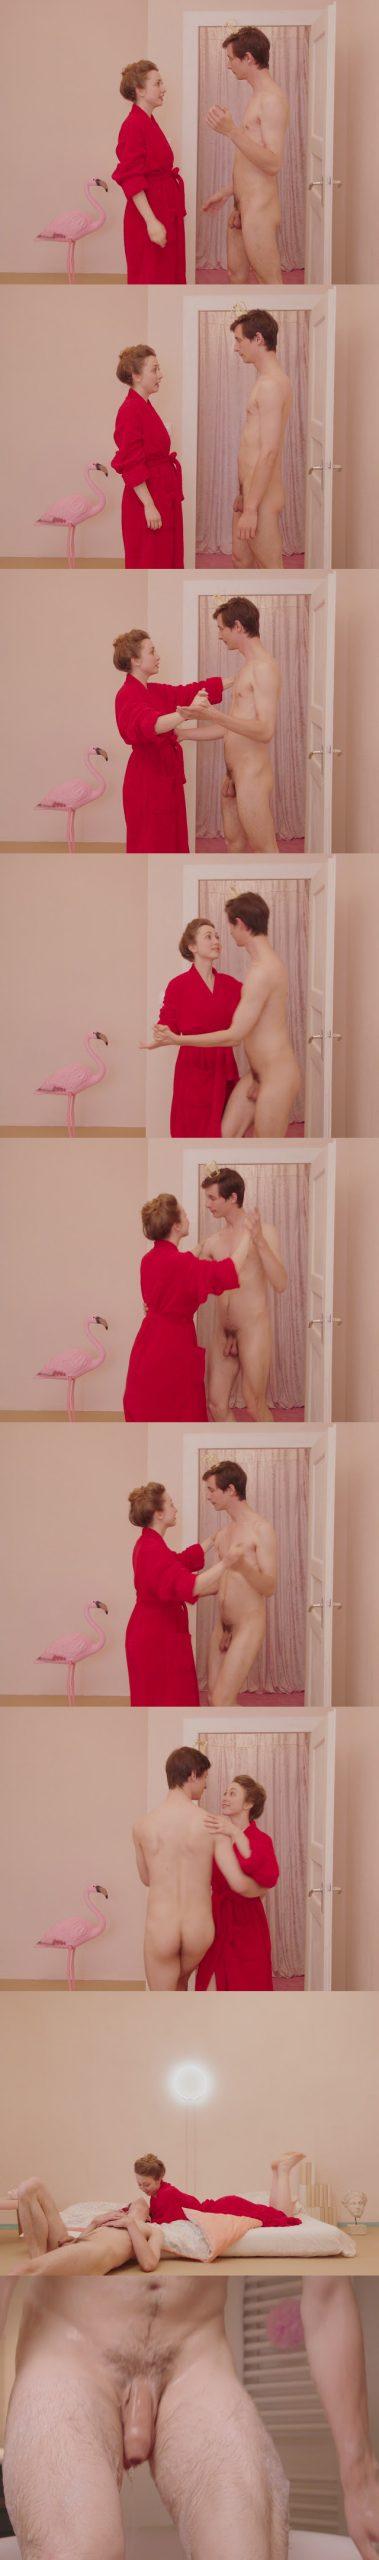 Malte Bündgen full frontal naked in movie